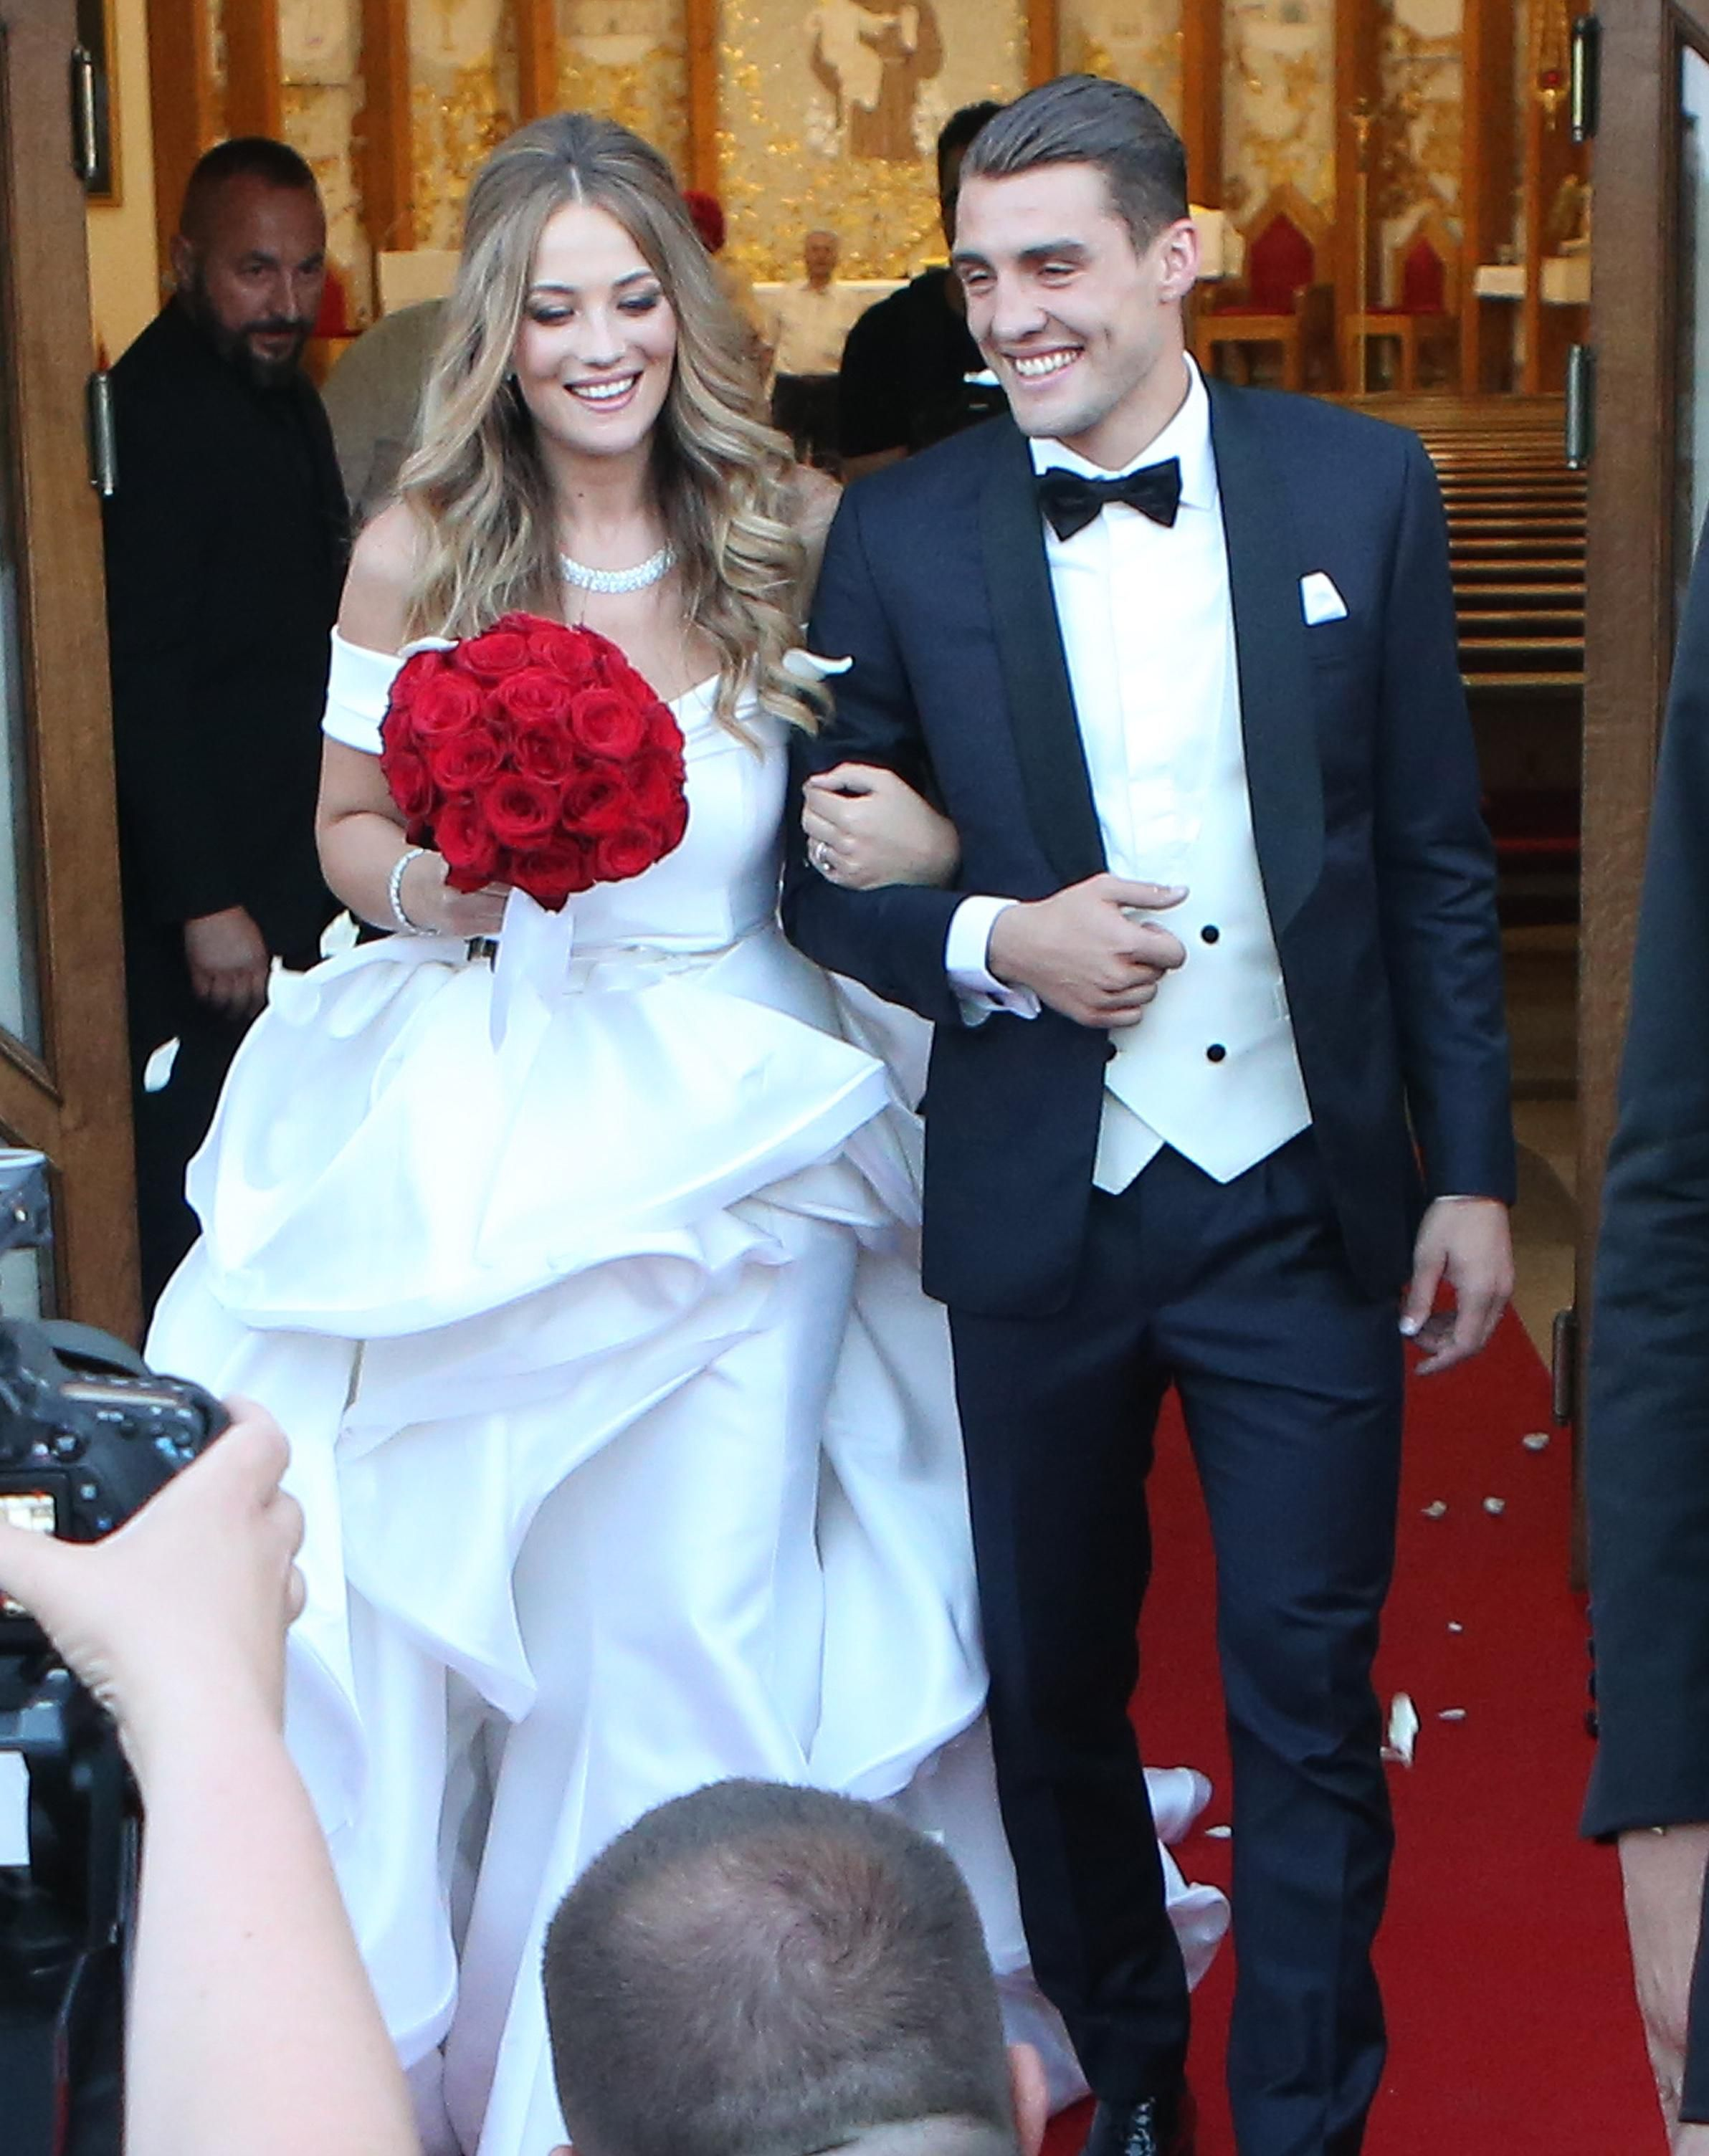 Nakon pobjede Hrvatske, još razloga za slavlje: Mateu i Izabel danas je bitan dan!